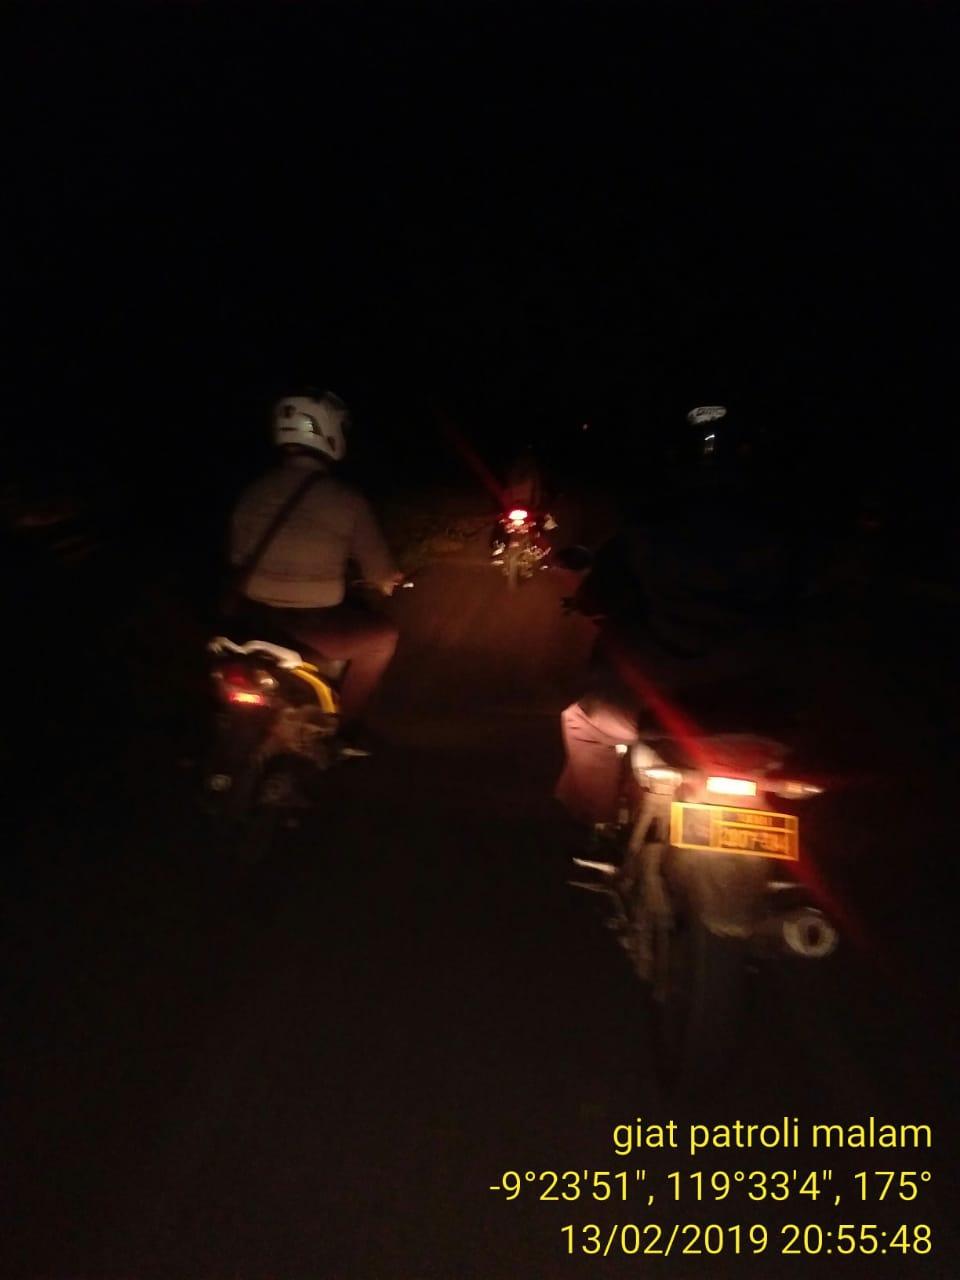 Ditemani Kendaraan Andalan, Tim Polsek Mamboro Pantau Situasi Malam